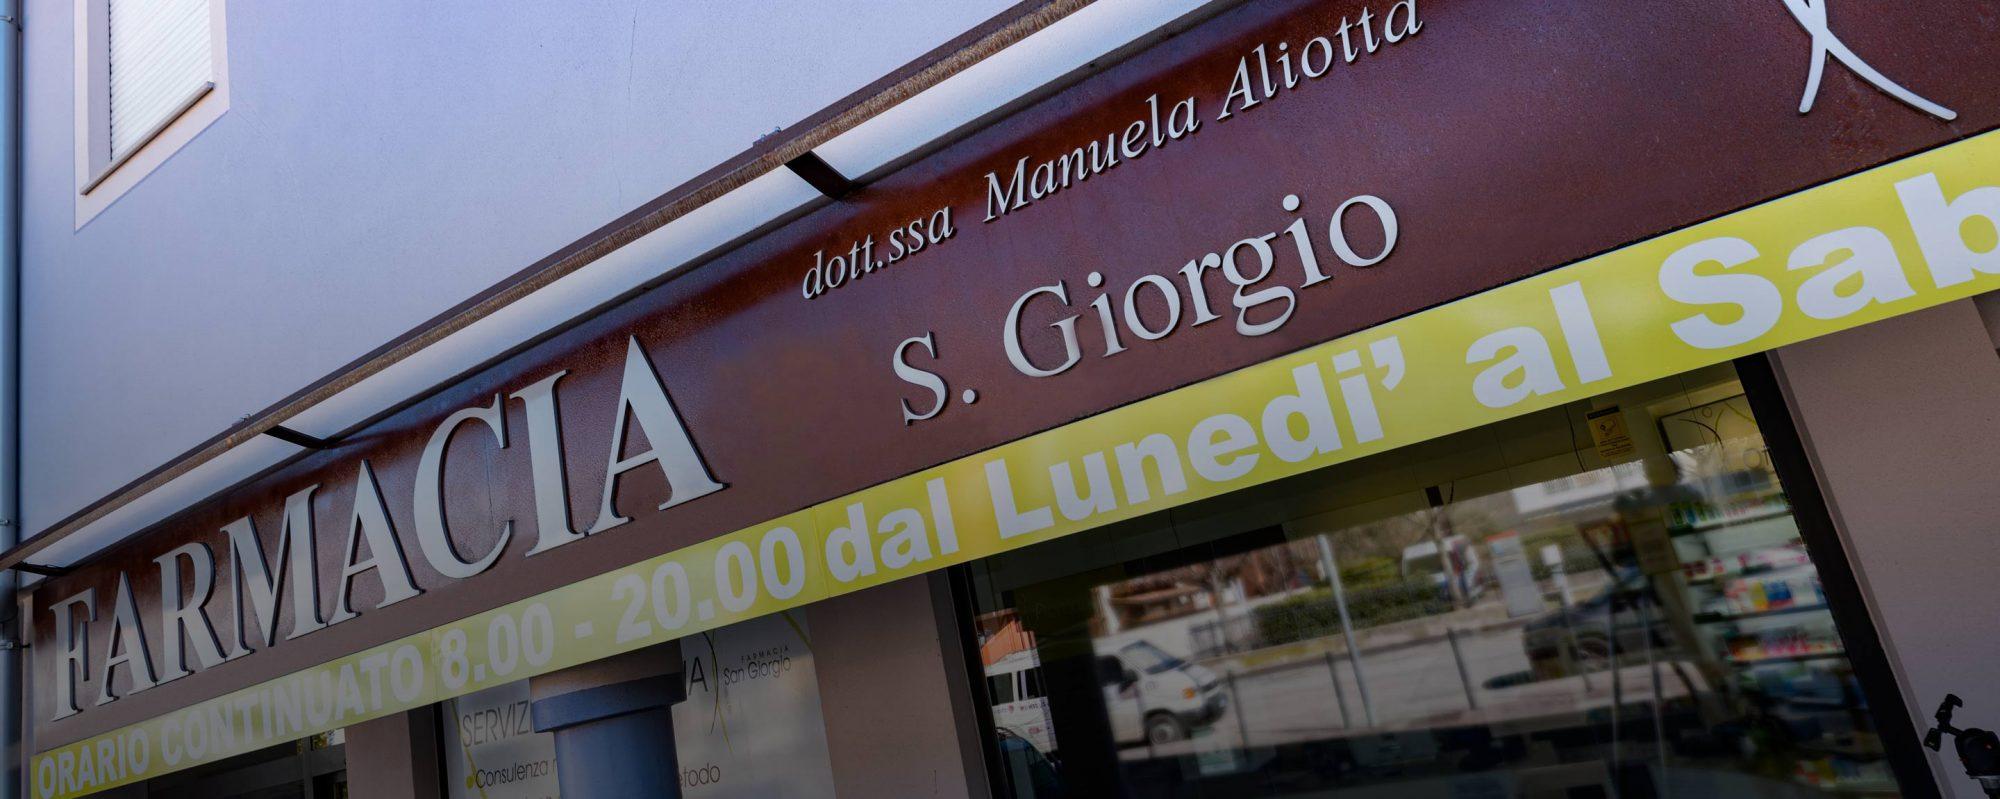 farmacia_san_Giorgio_contatti